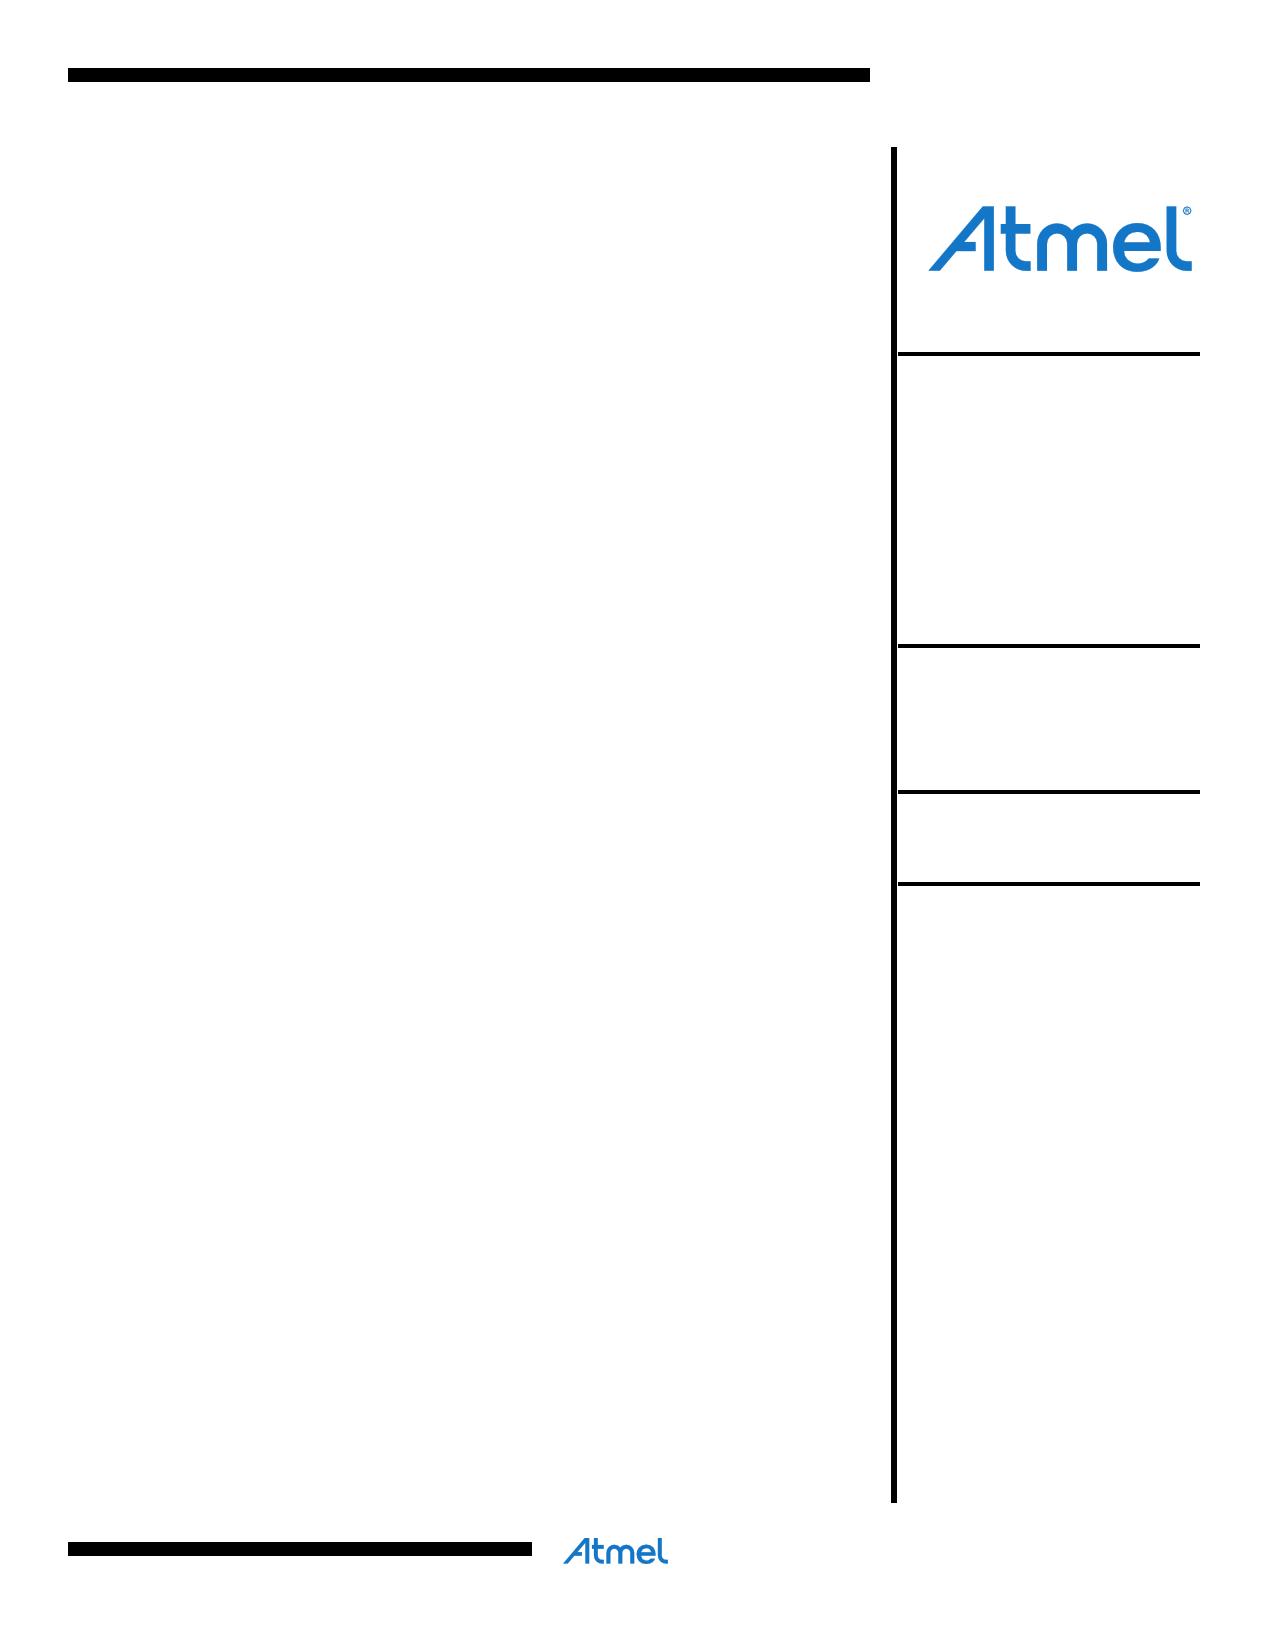 ATMEGA8 Datasheet - 8-bit Microcontroller - DataSheetCafe.com